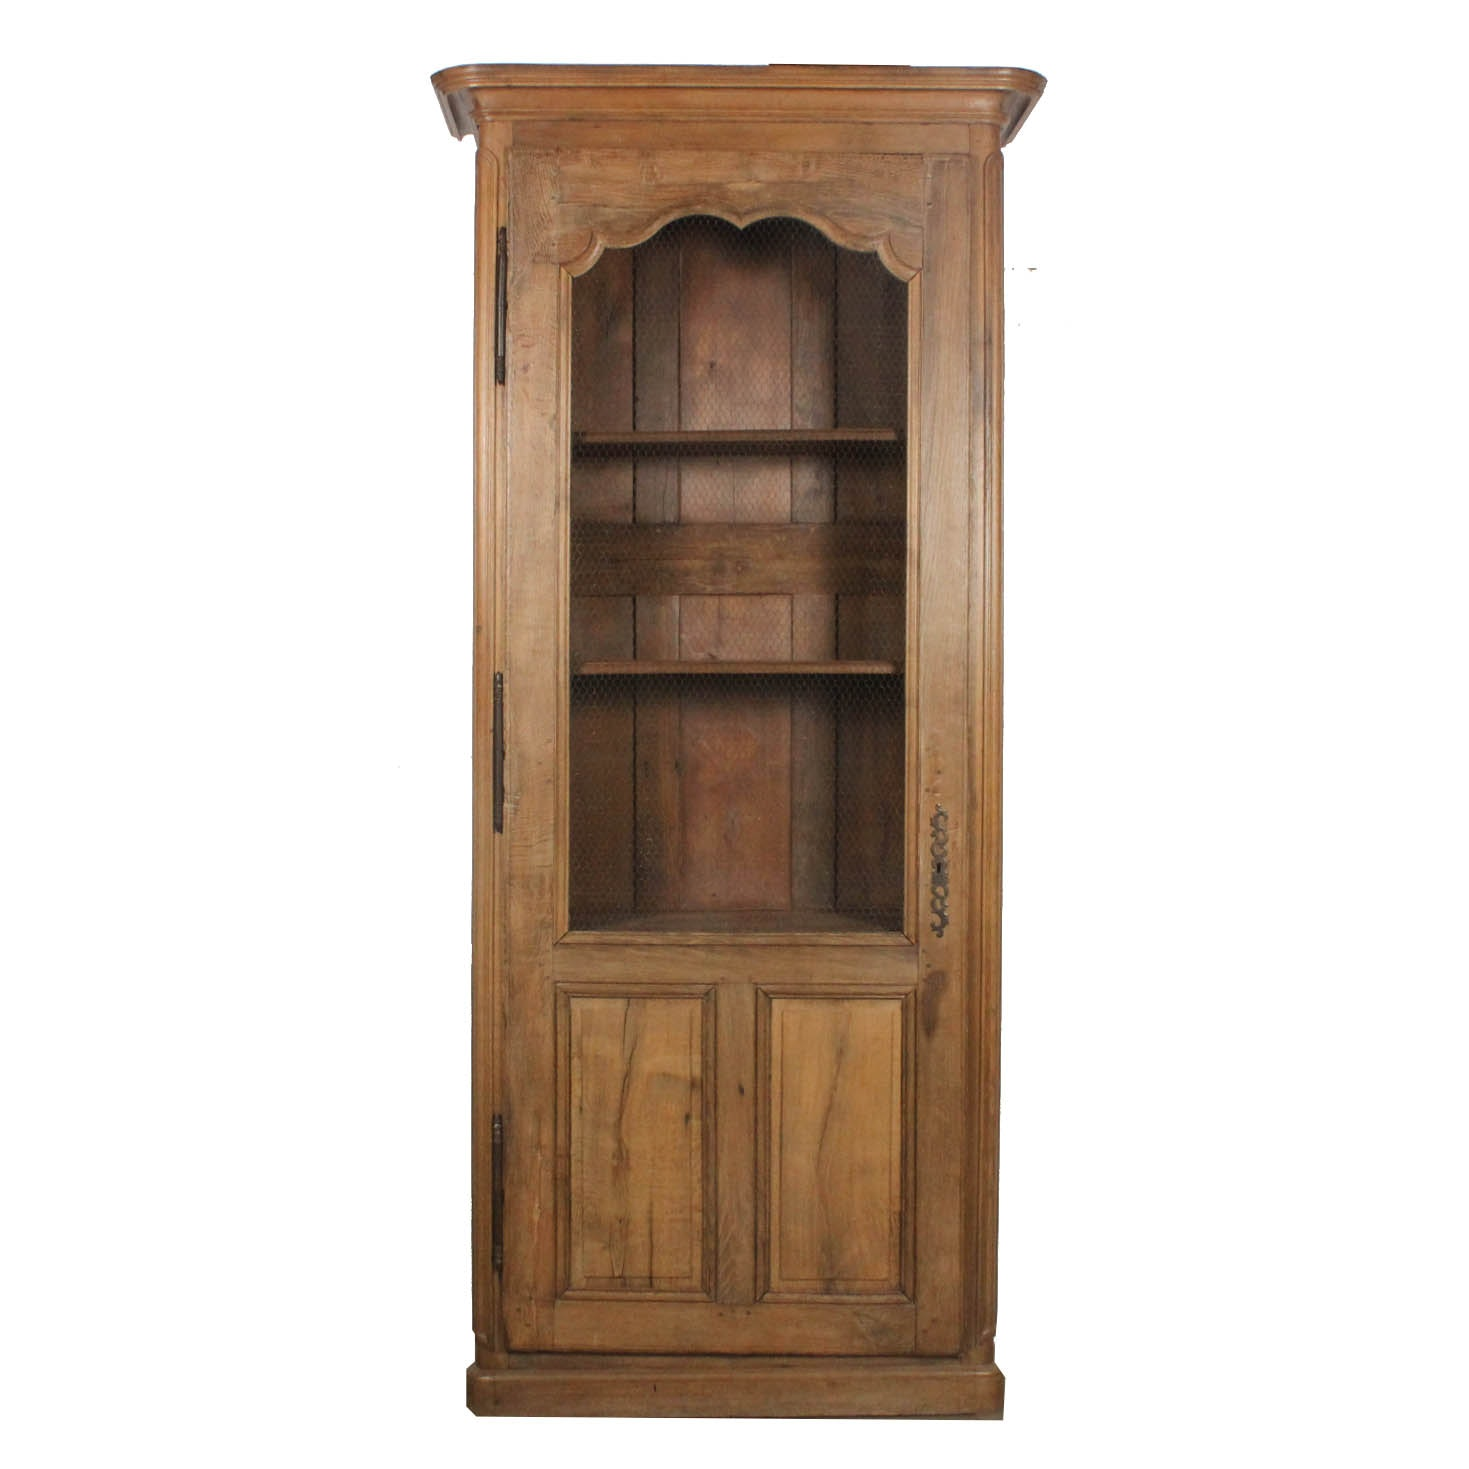 Antique 9' Oak Display Cabinet